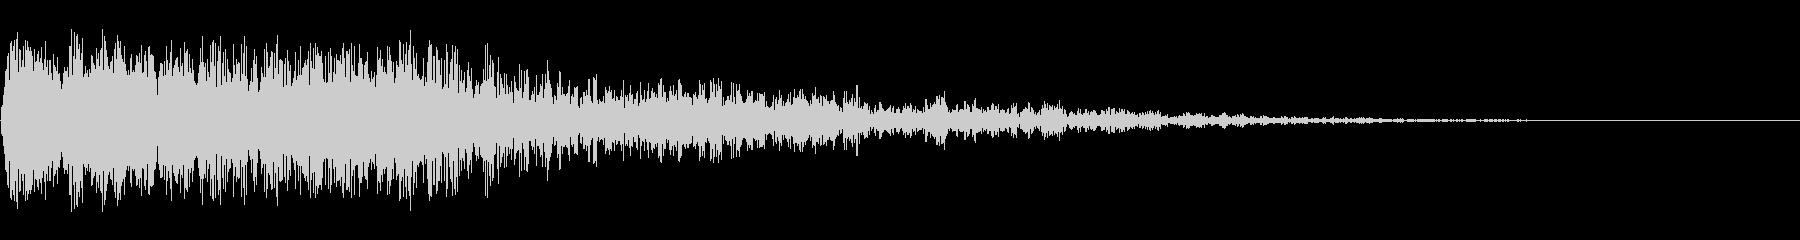 ディープメタリックインパクト1の未再生の波形